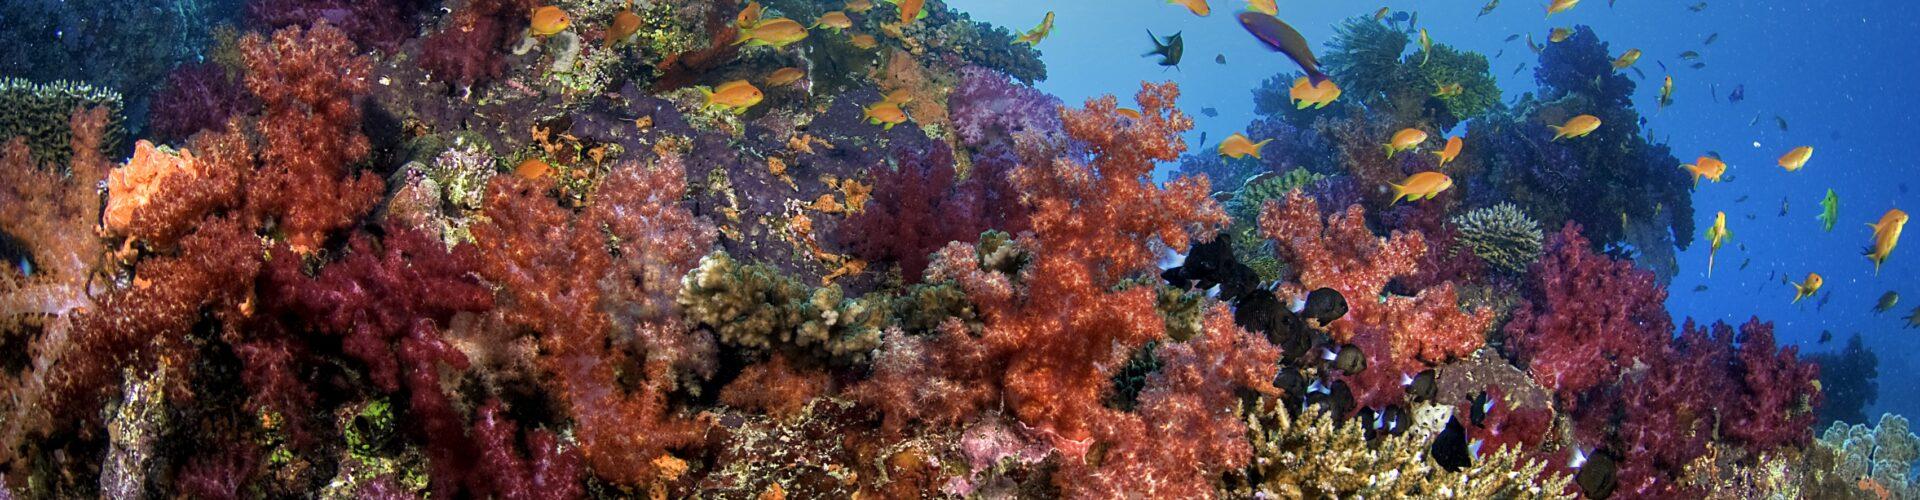 PT Reef